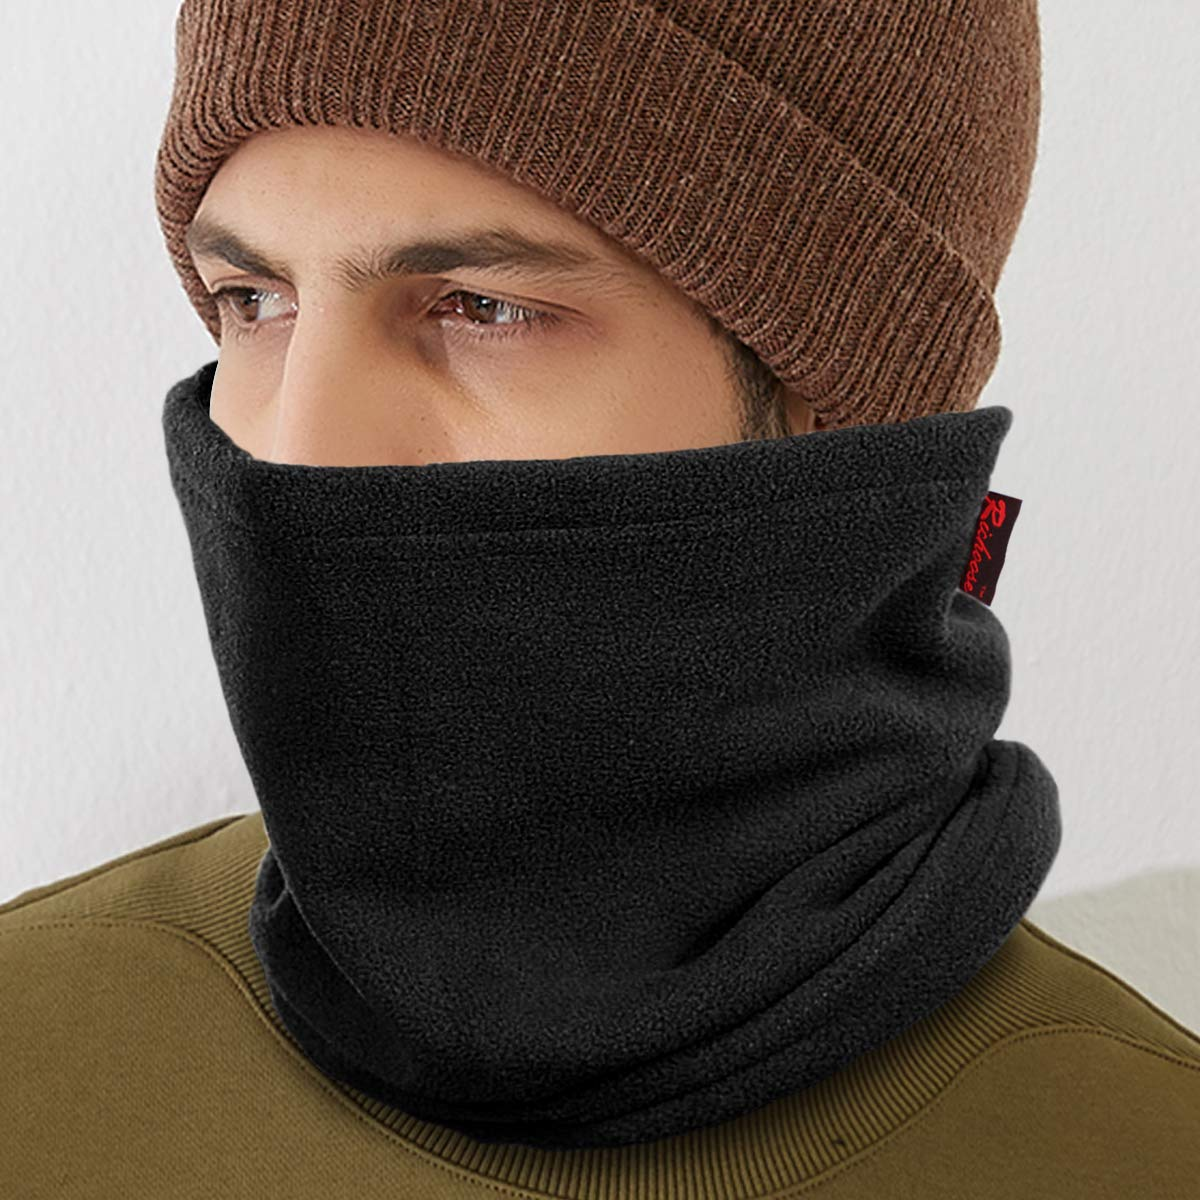 3 en 1 Polar Fleece Neck Warmer Mask Pasamonta/ñas Braga Cuello Gorra de invierno para Ciclismo Moto Wisolt Bufanda Tubular